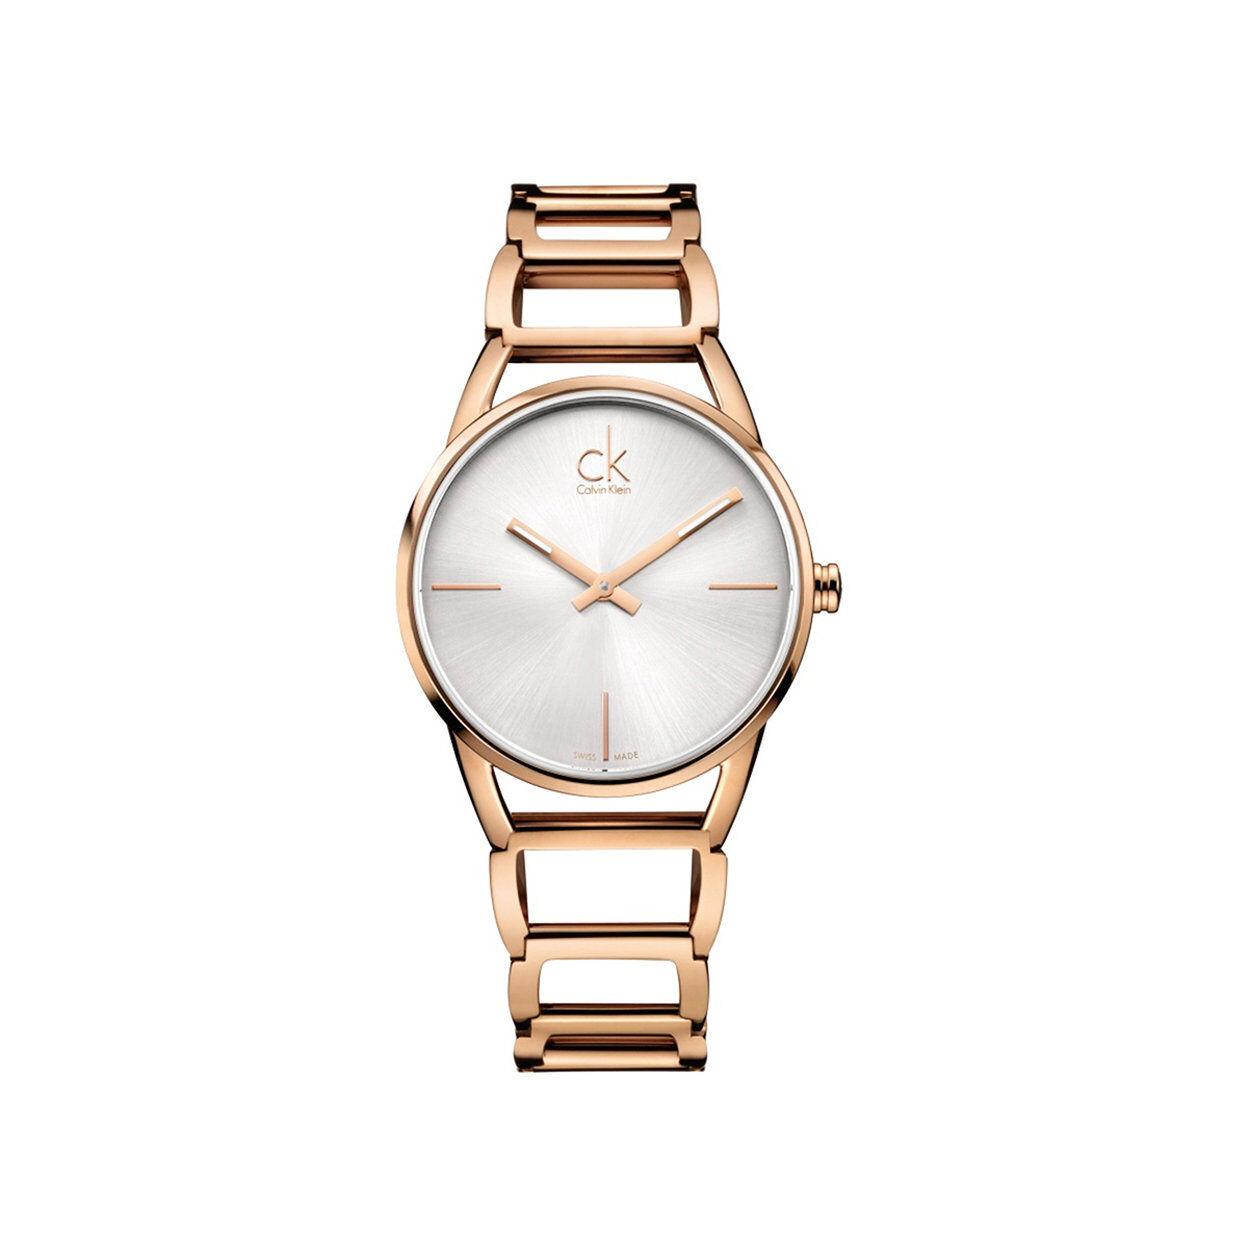 calvin klein orologio da polso donna calvin klein con cinturino in acciaio rosè con quadrante madreperla